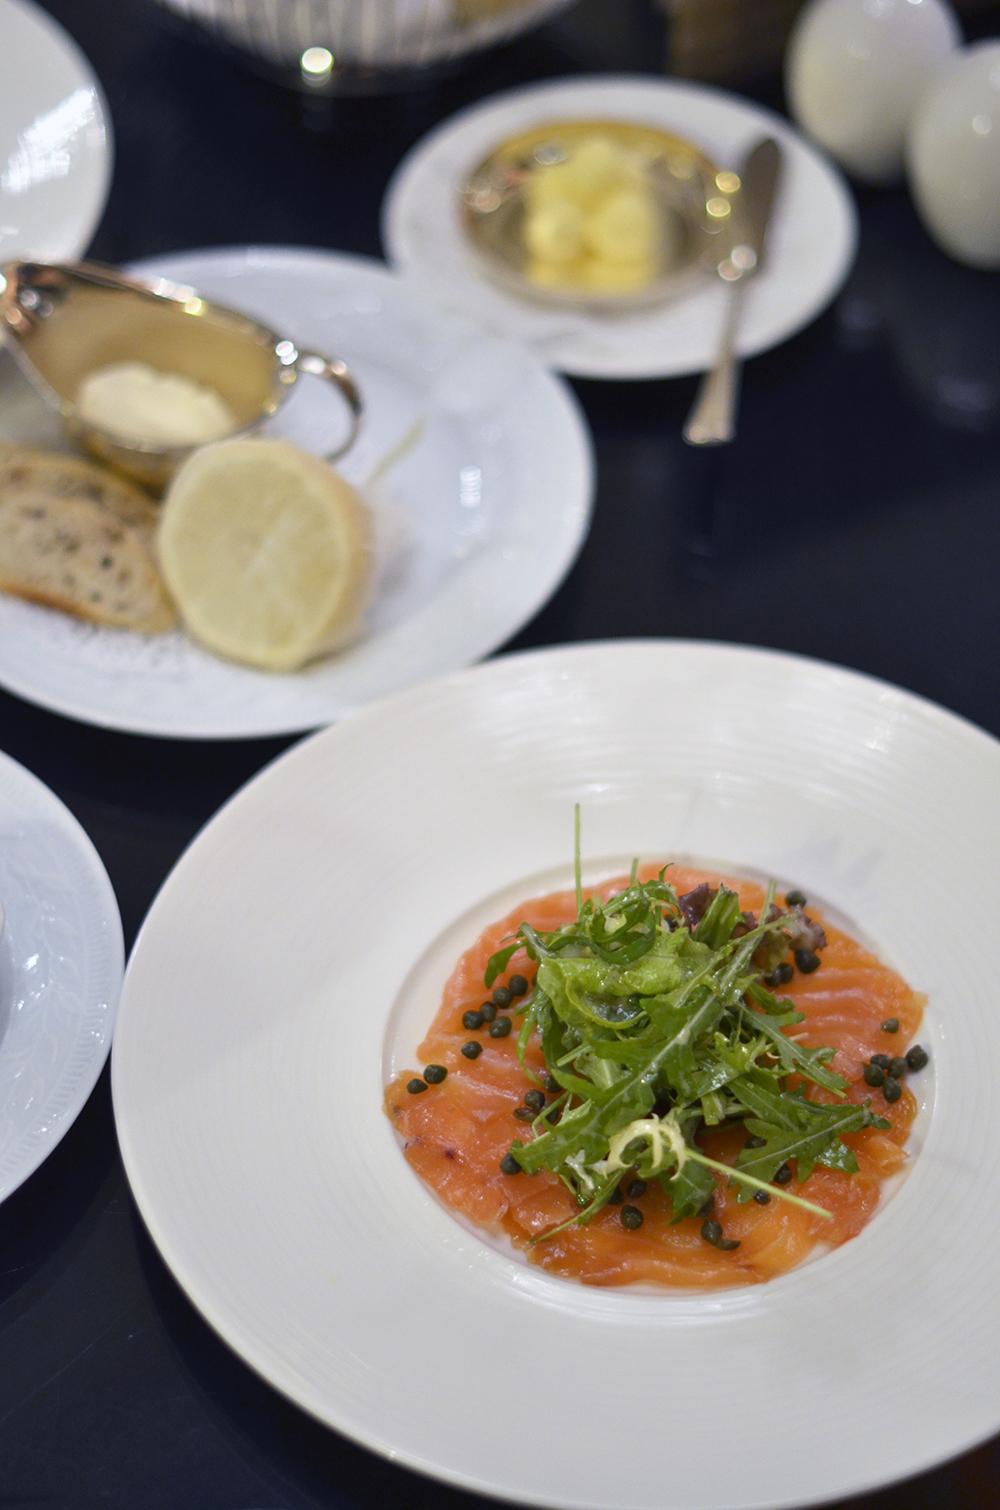 cibi tipici scozzesi: il salmone